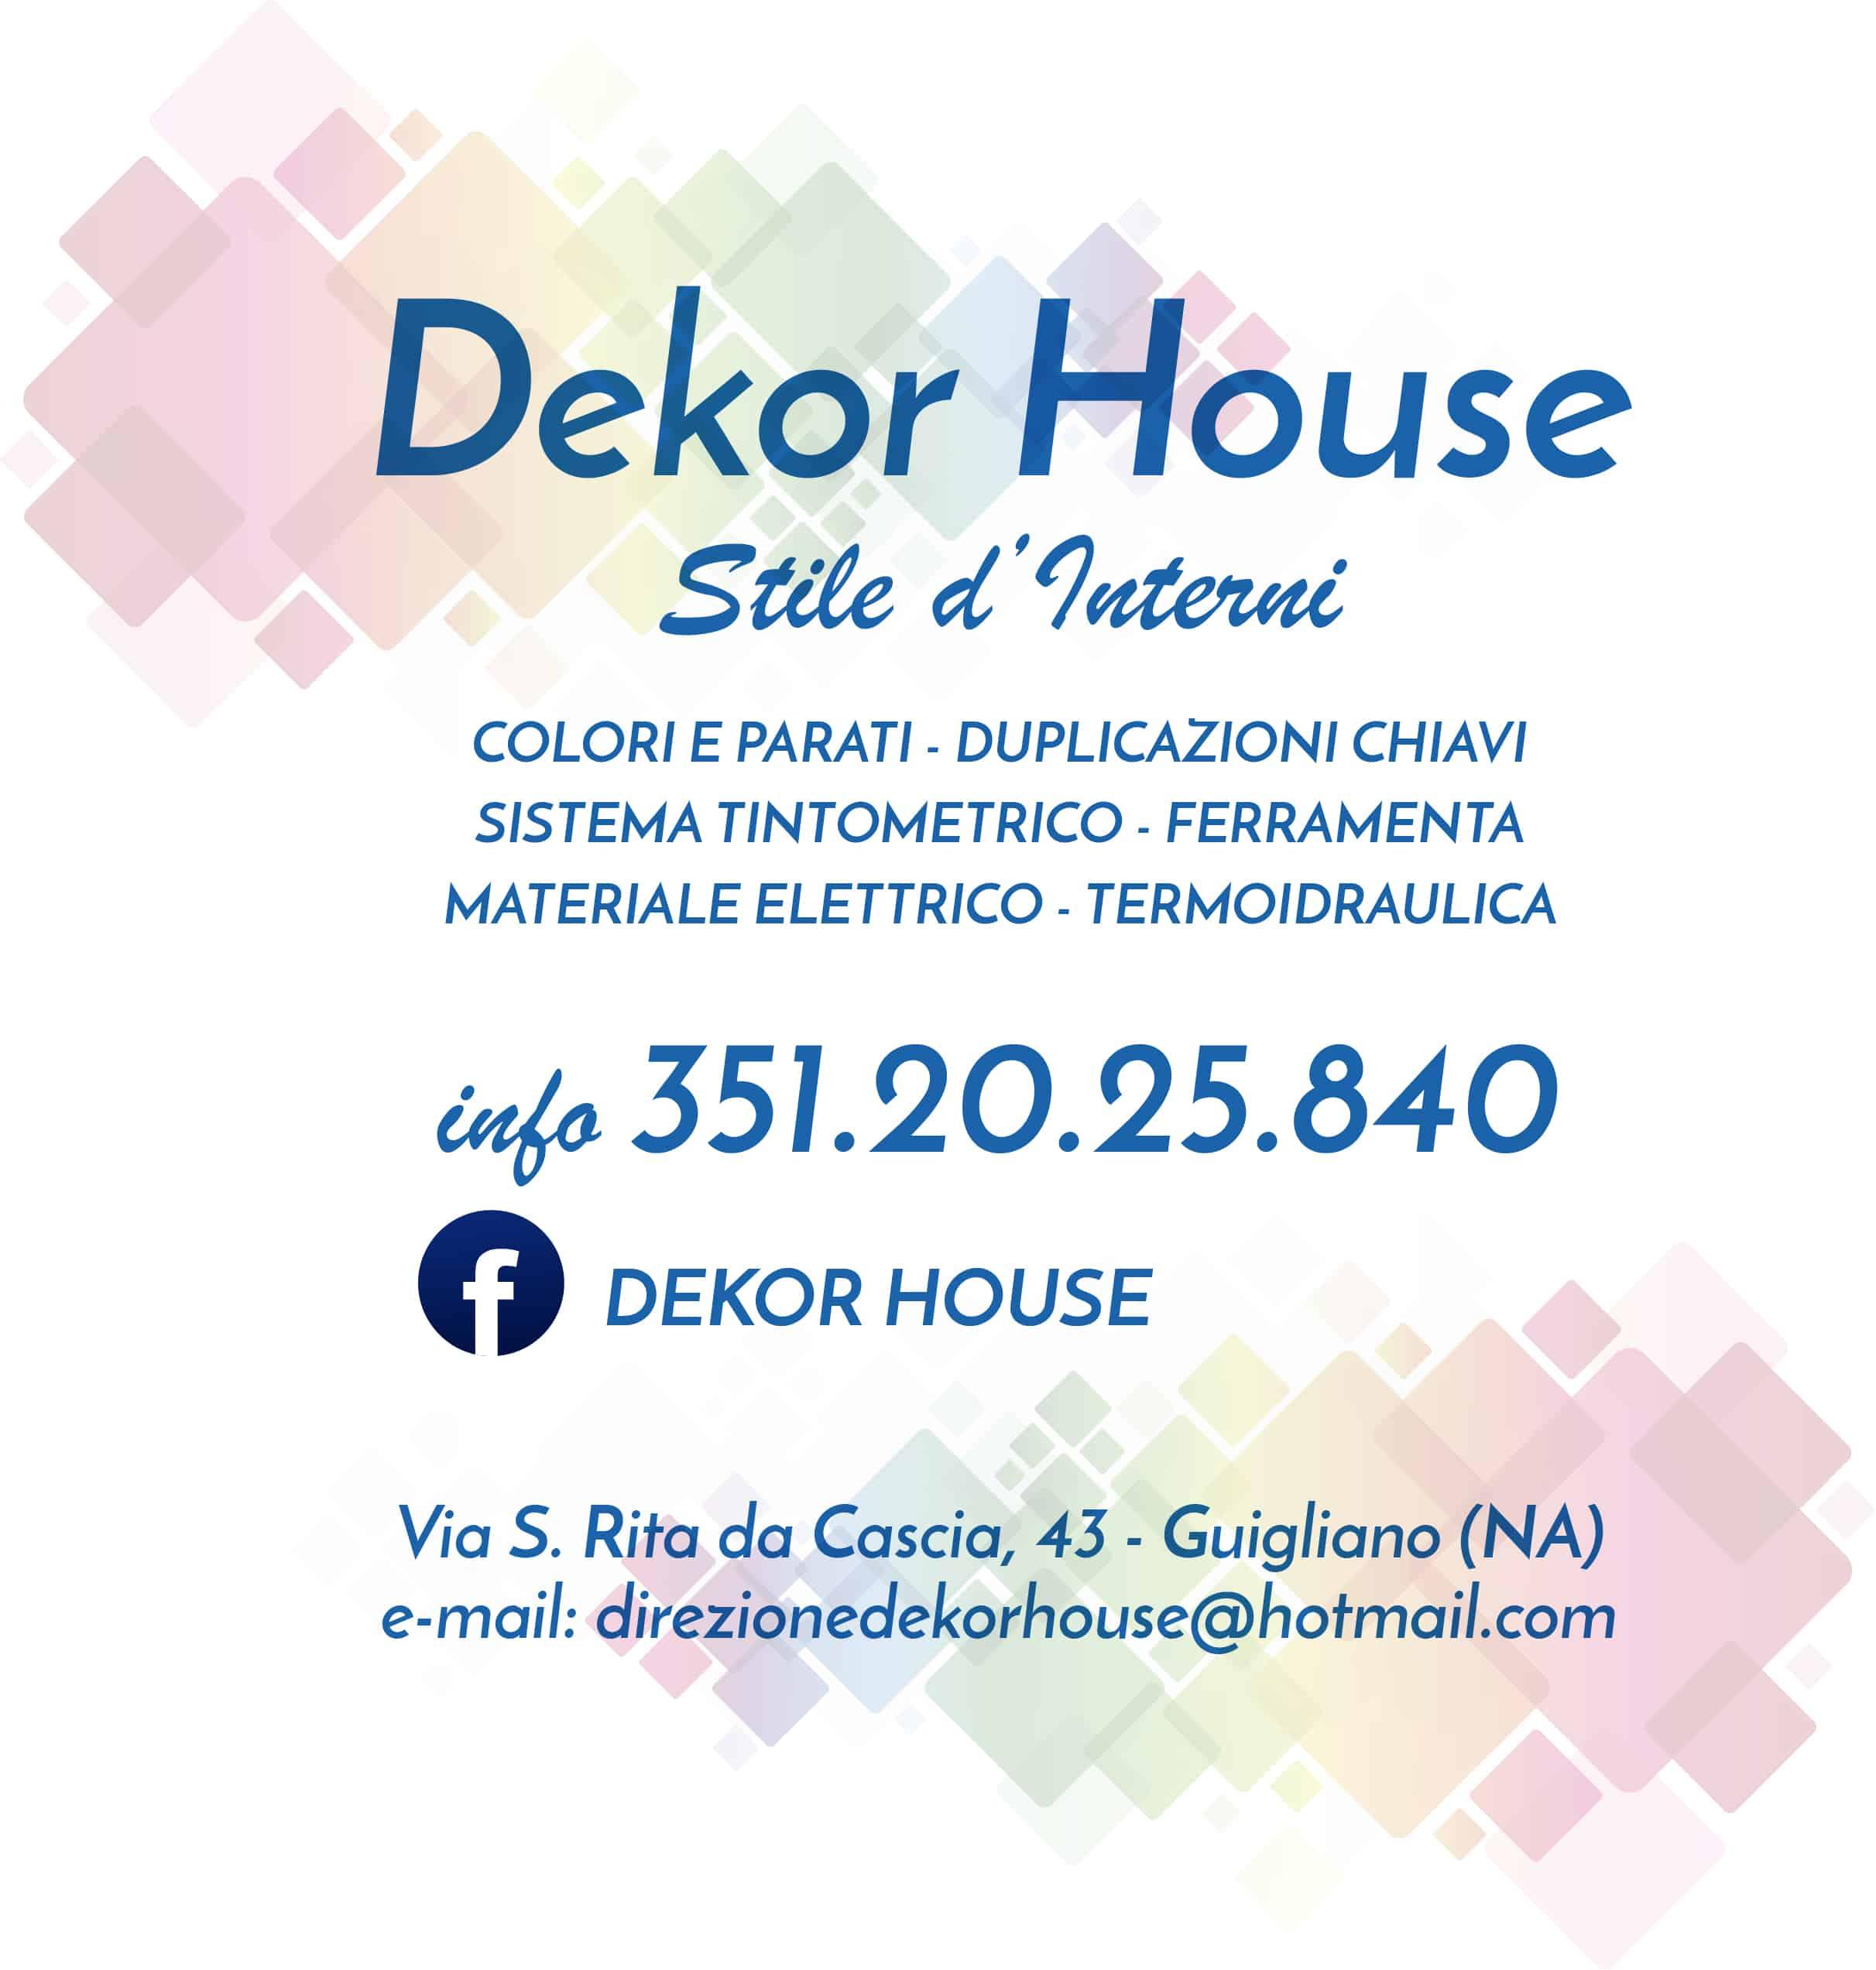 informare-online-sponsor-dekor-house